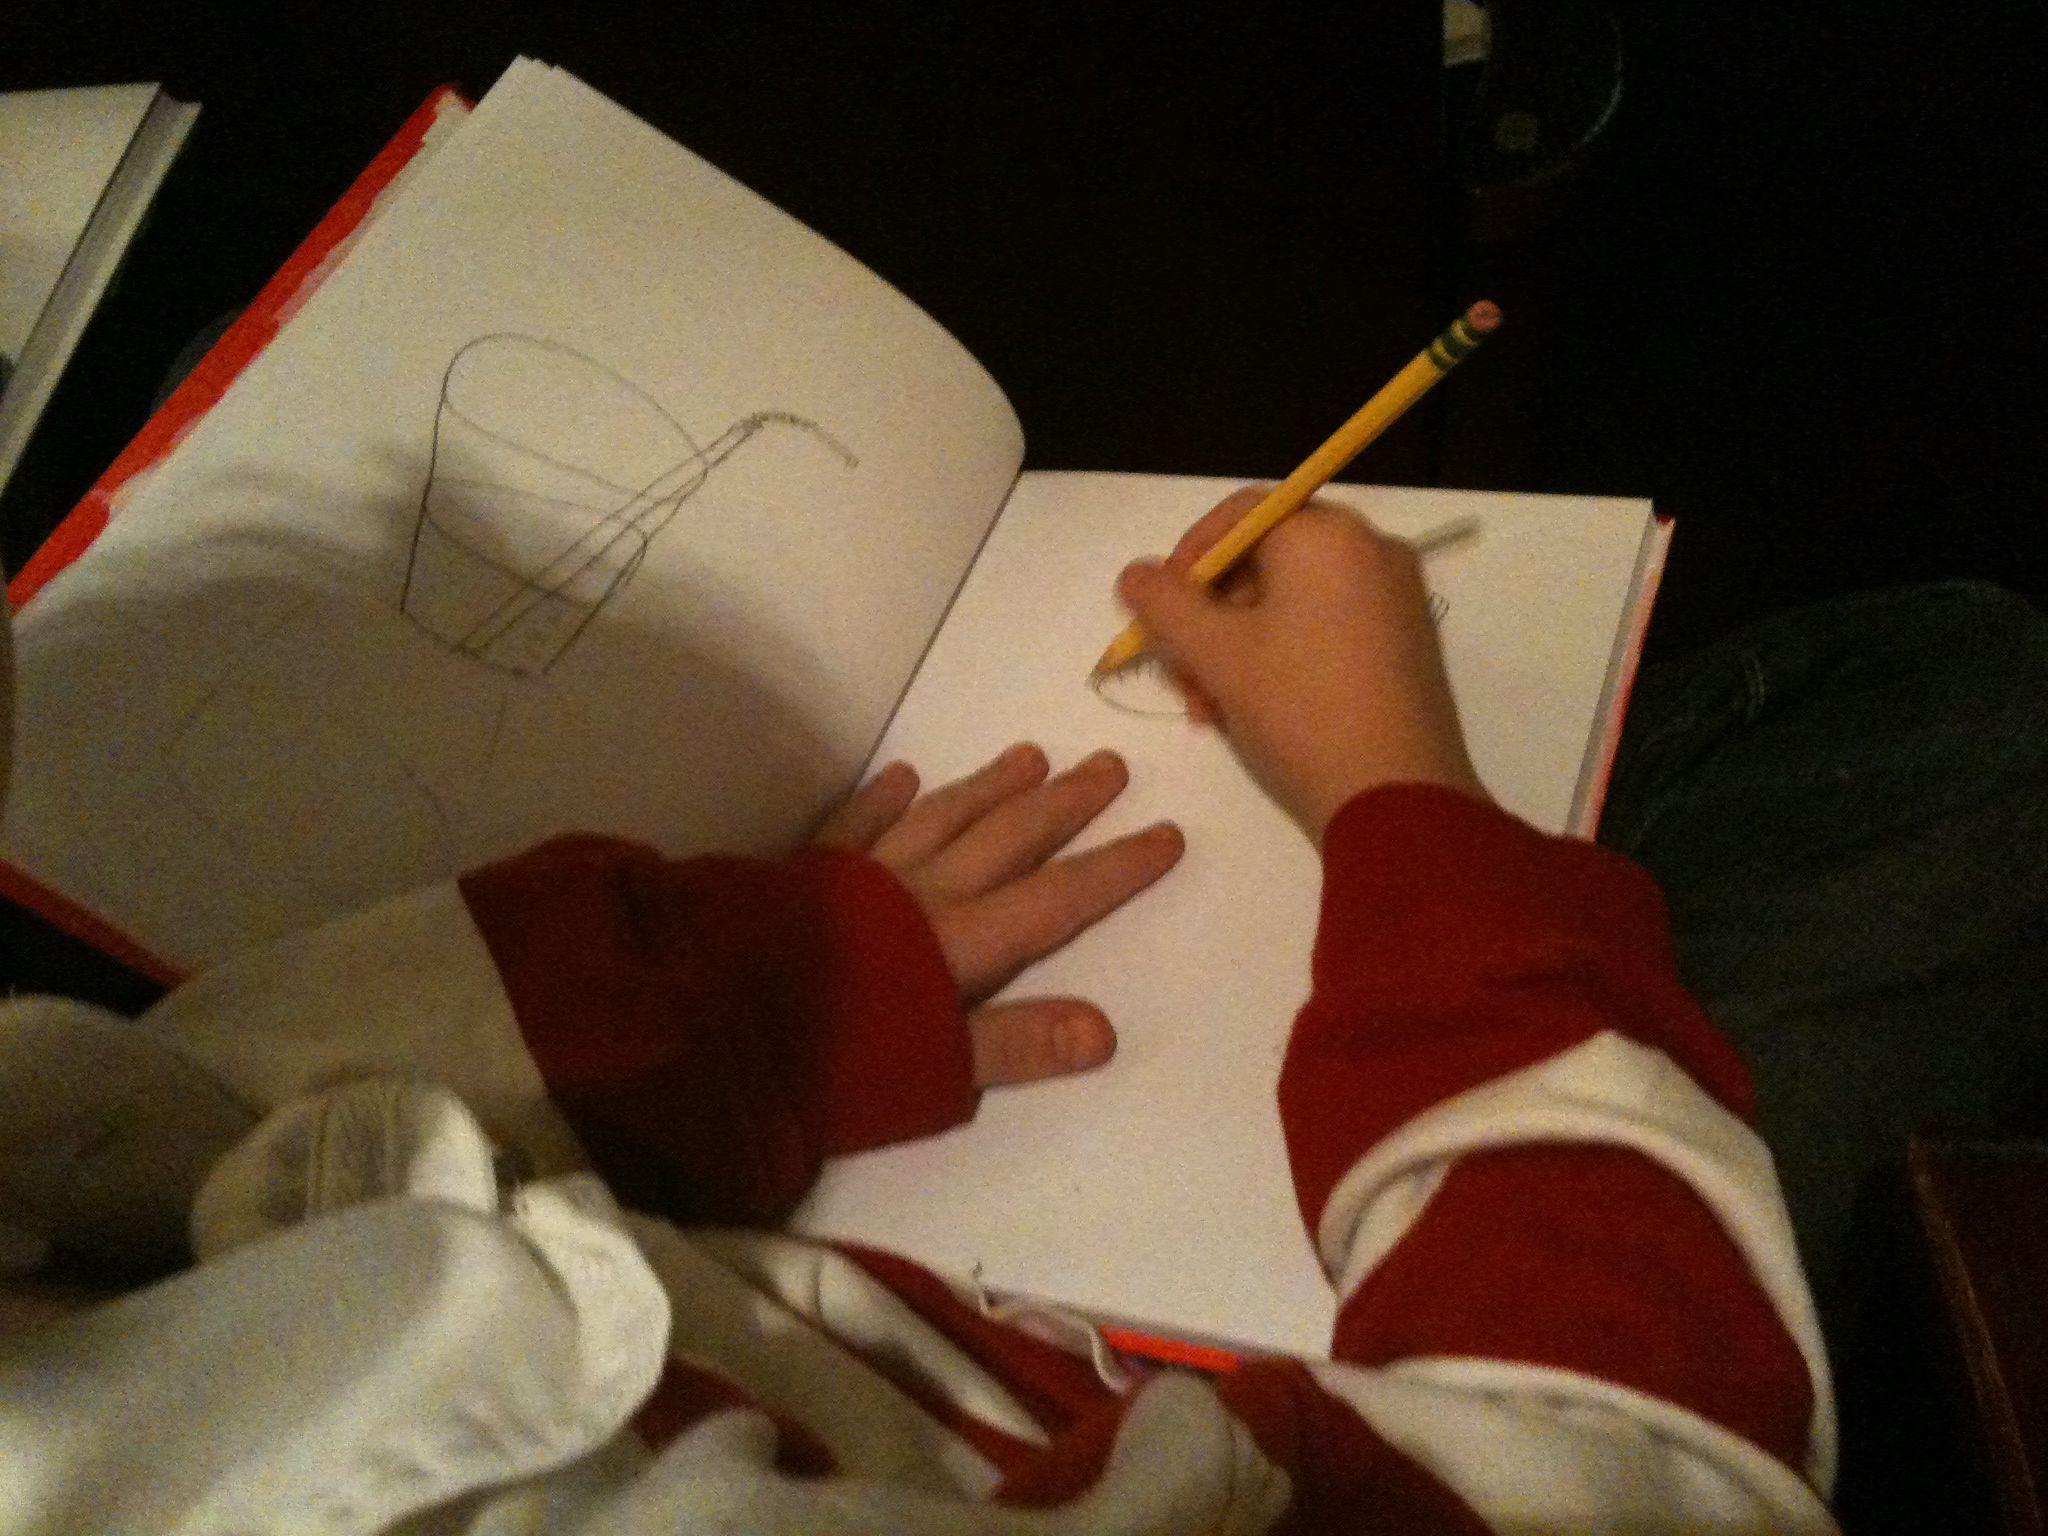 kidsketching